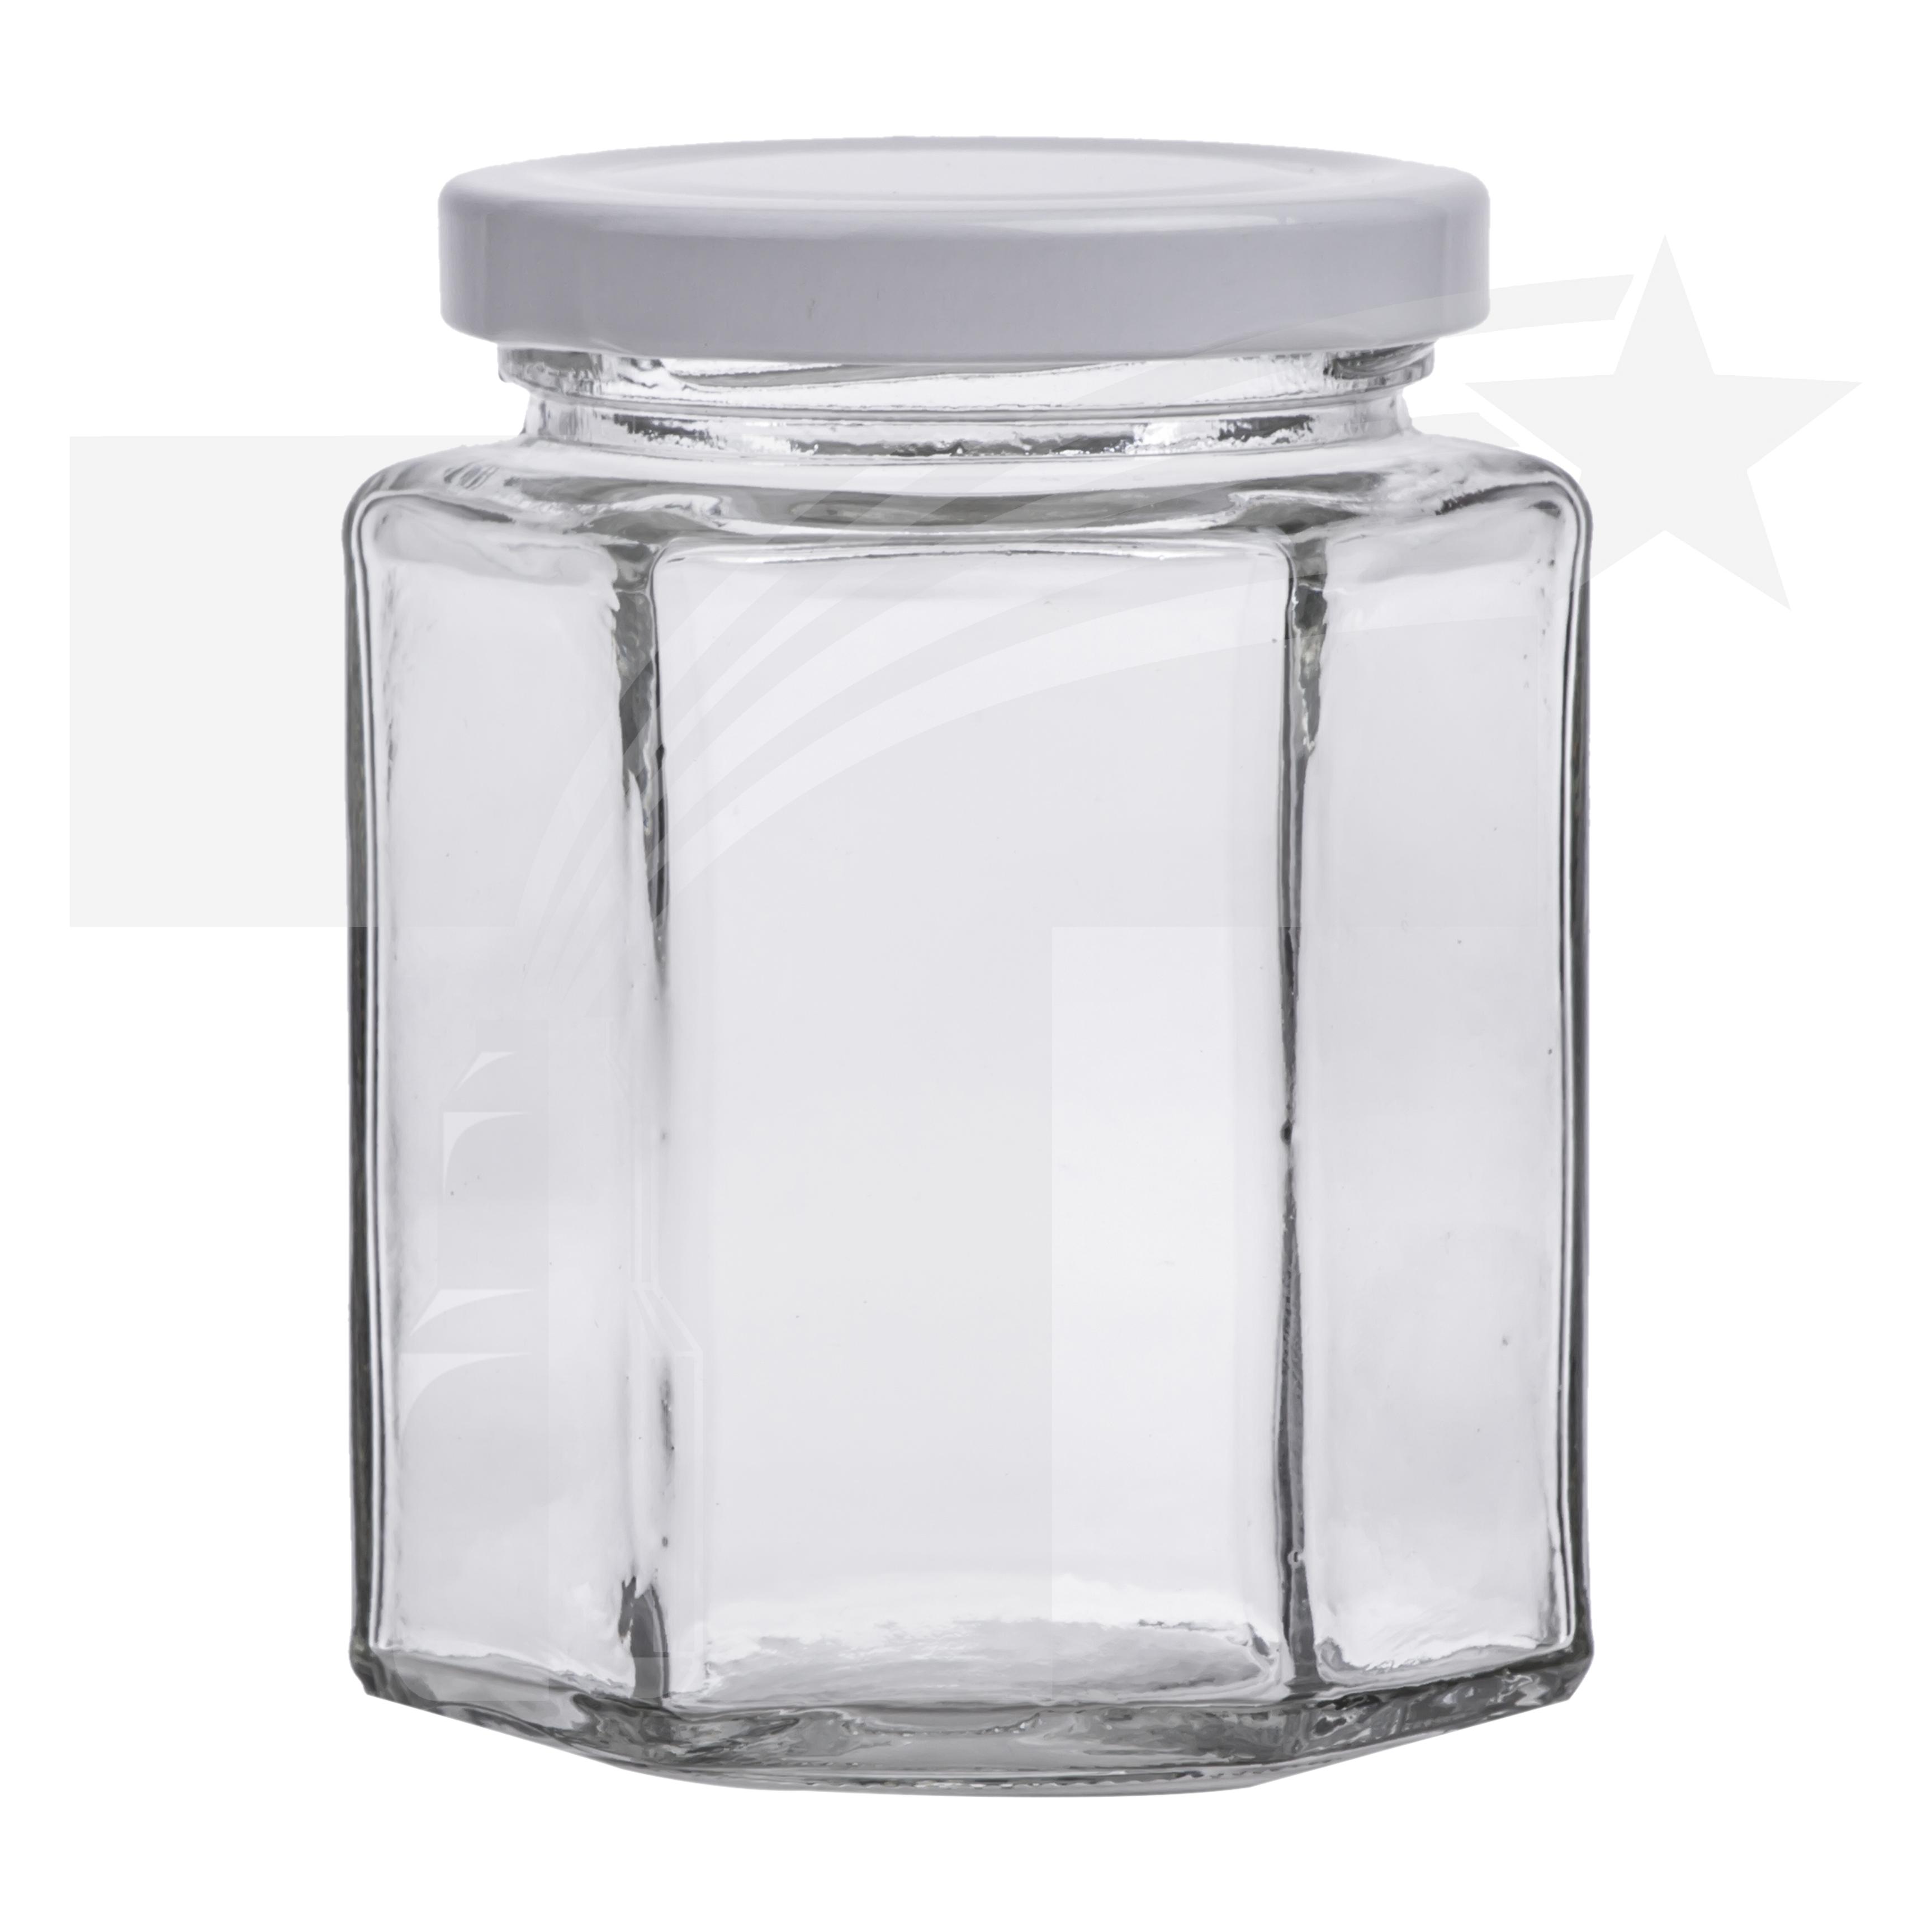 tarro vidrio hexagonal 250ml r 63 con tapa metlica blanca - Tarros De Vidrio